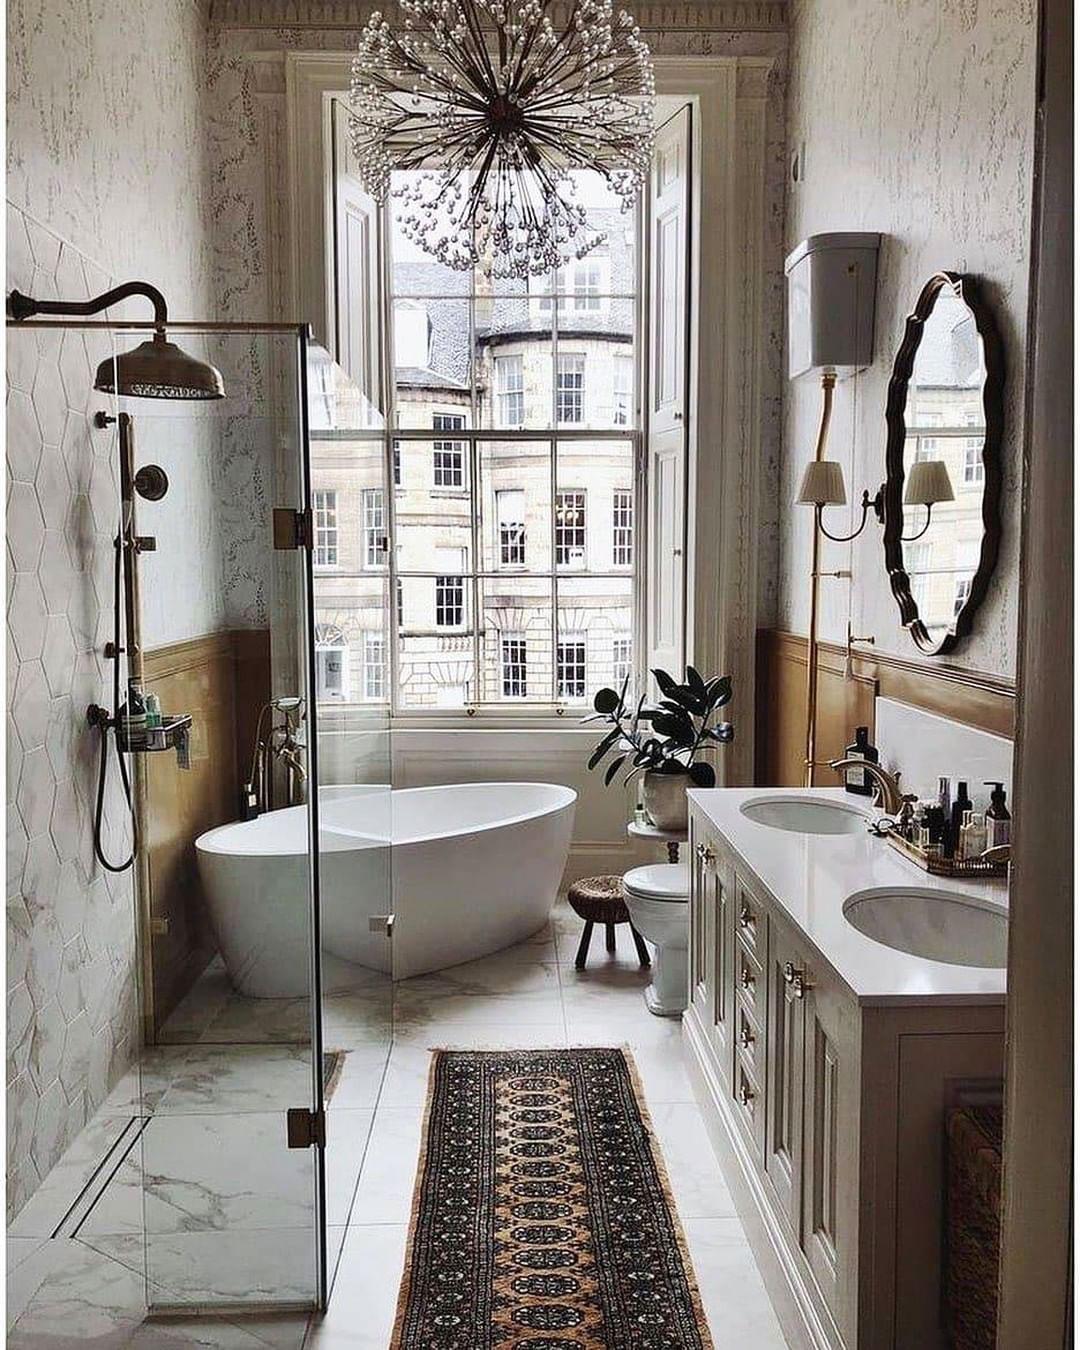 Baño con estilo lujoso